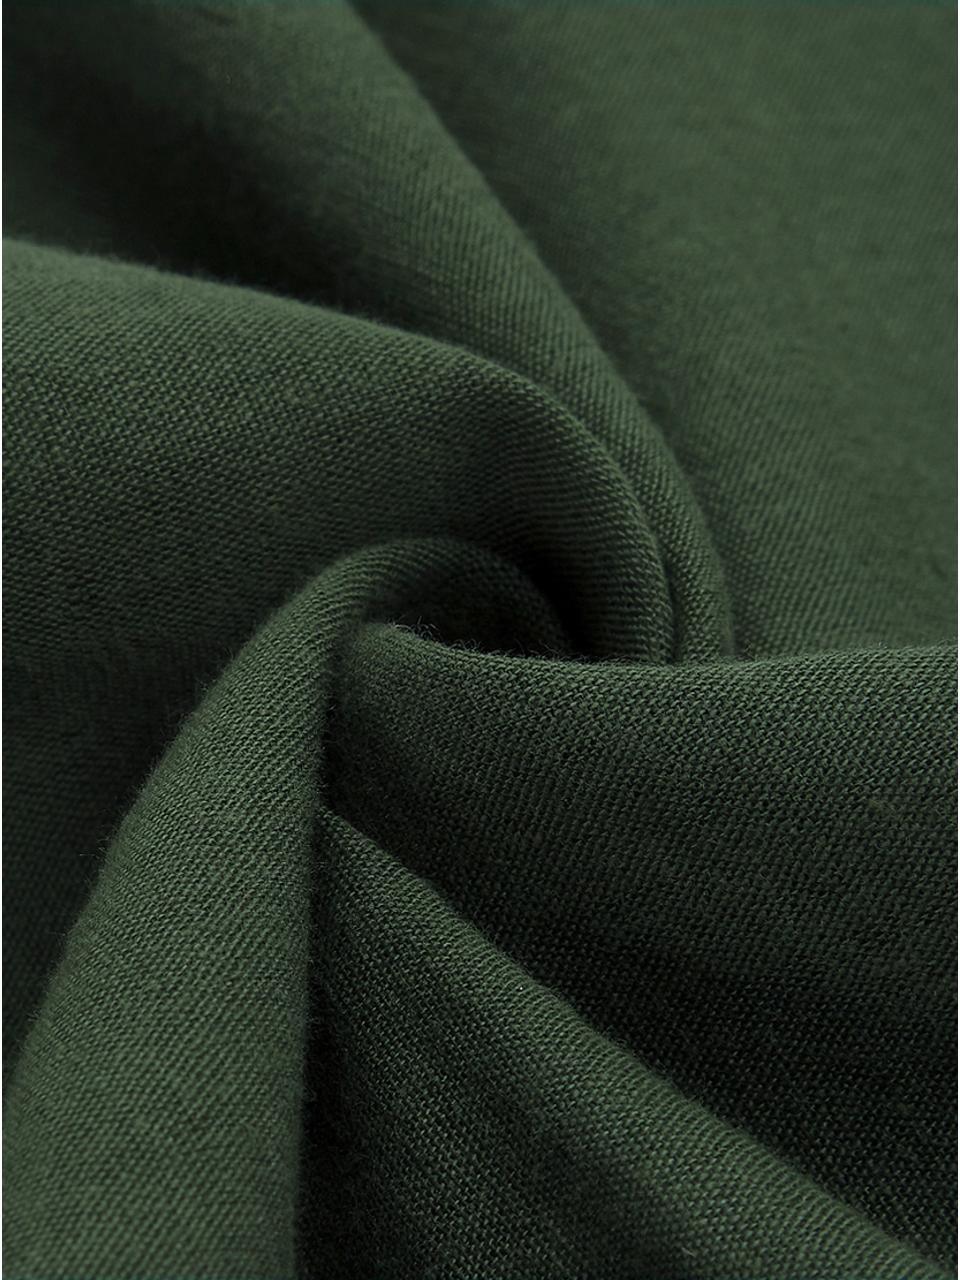 Gewaschene Leinen-Kissenbezüge Nature in Dunkelgrün, 2 Stück, Halbleinen (52% Leinen, 48% Baumwolle)  Fadendichte 108 TC, Standard Qualität  Halbleinen hat von Natur aus einen kernigen Griff und einen natürlichen Knitterlook, der durch den Stonewash-Effekt verstärkt wird. Es absorbiert bis zu 35% Luftfeuchtigkeit, trocknet sehr schnell und wirkt in Sommernächten angenehm kühlend. Die hohe Reißfestigkeit macht Halbleinen scheuerfest und strapazierfähig., Dunkelgrün, 40 x 80 cm